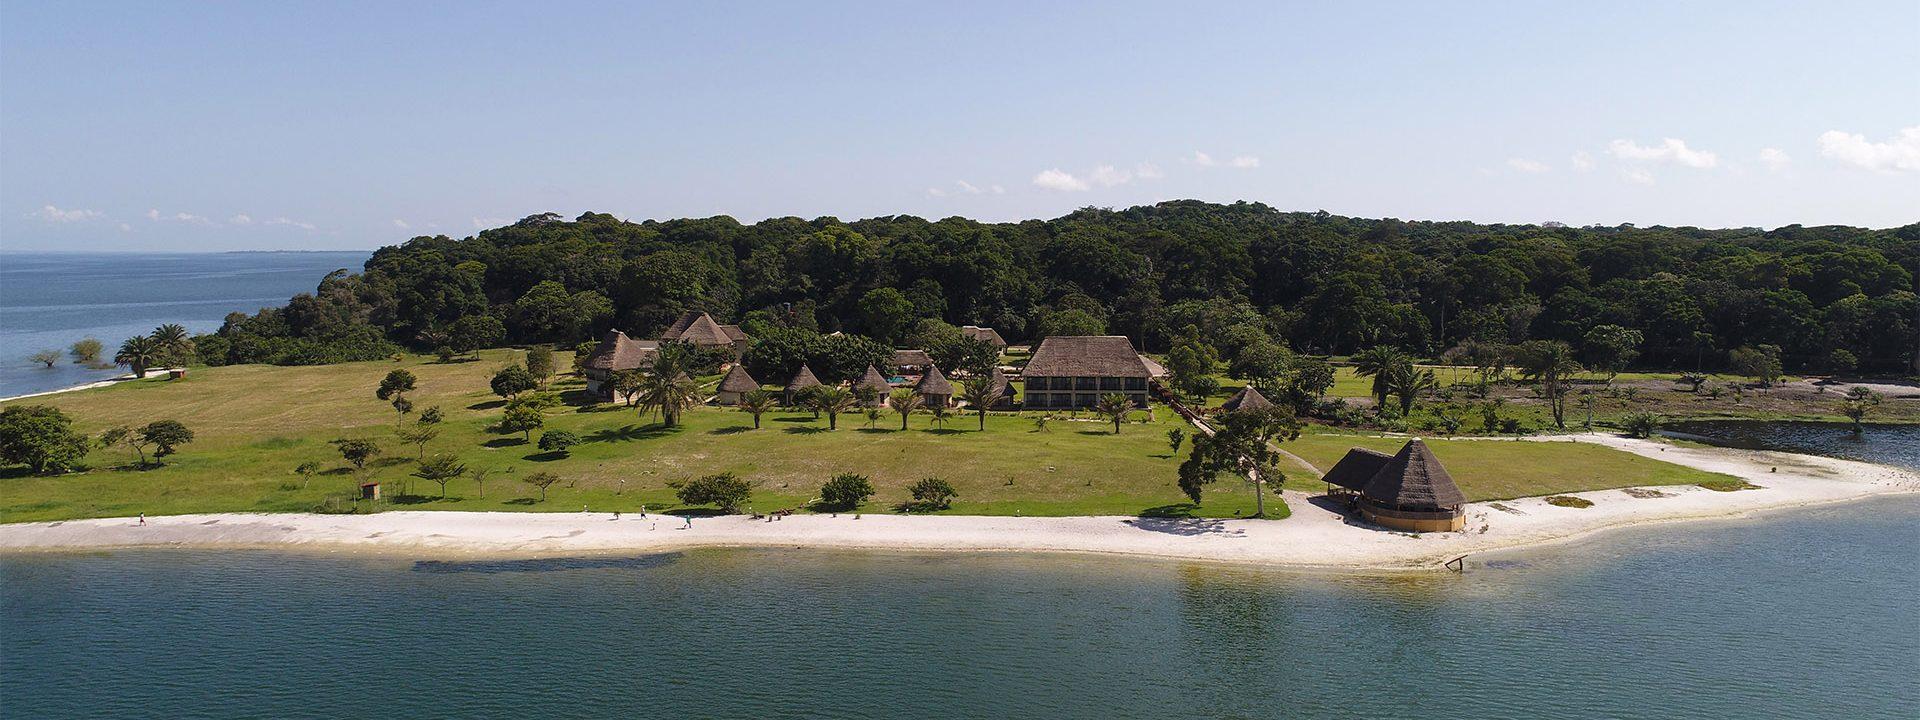 Victoria Forest Resort Beach